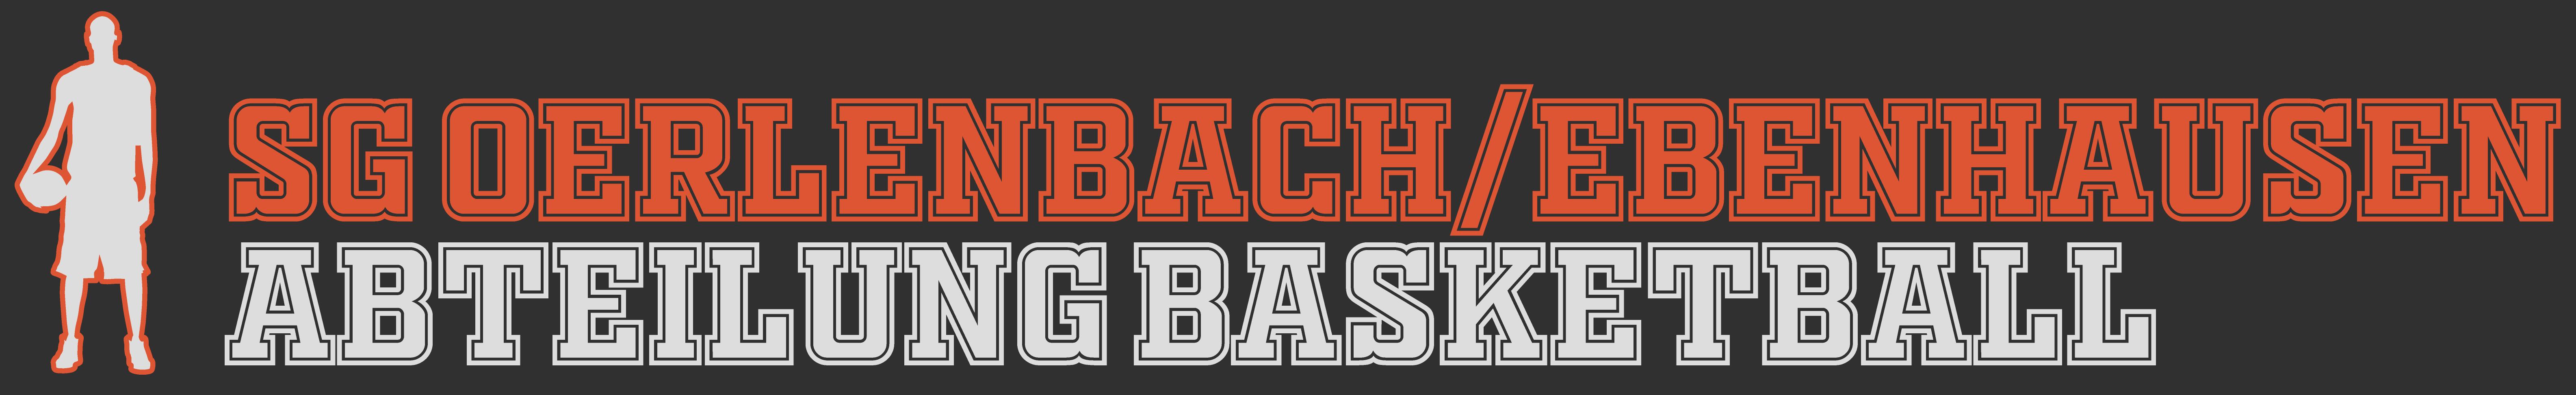 SG Oerlenbach / Ebenhausen Basketball